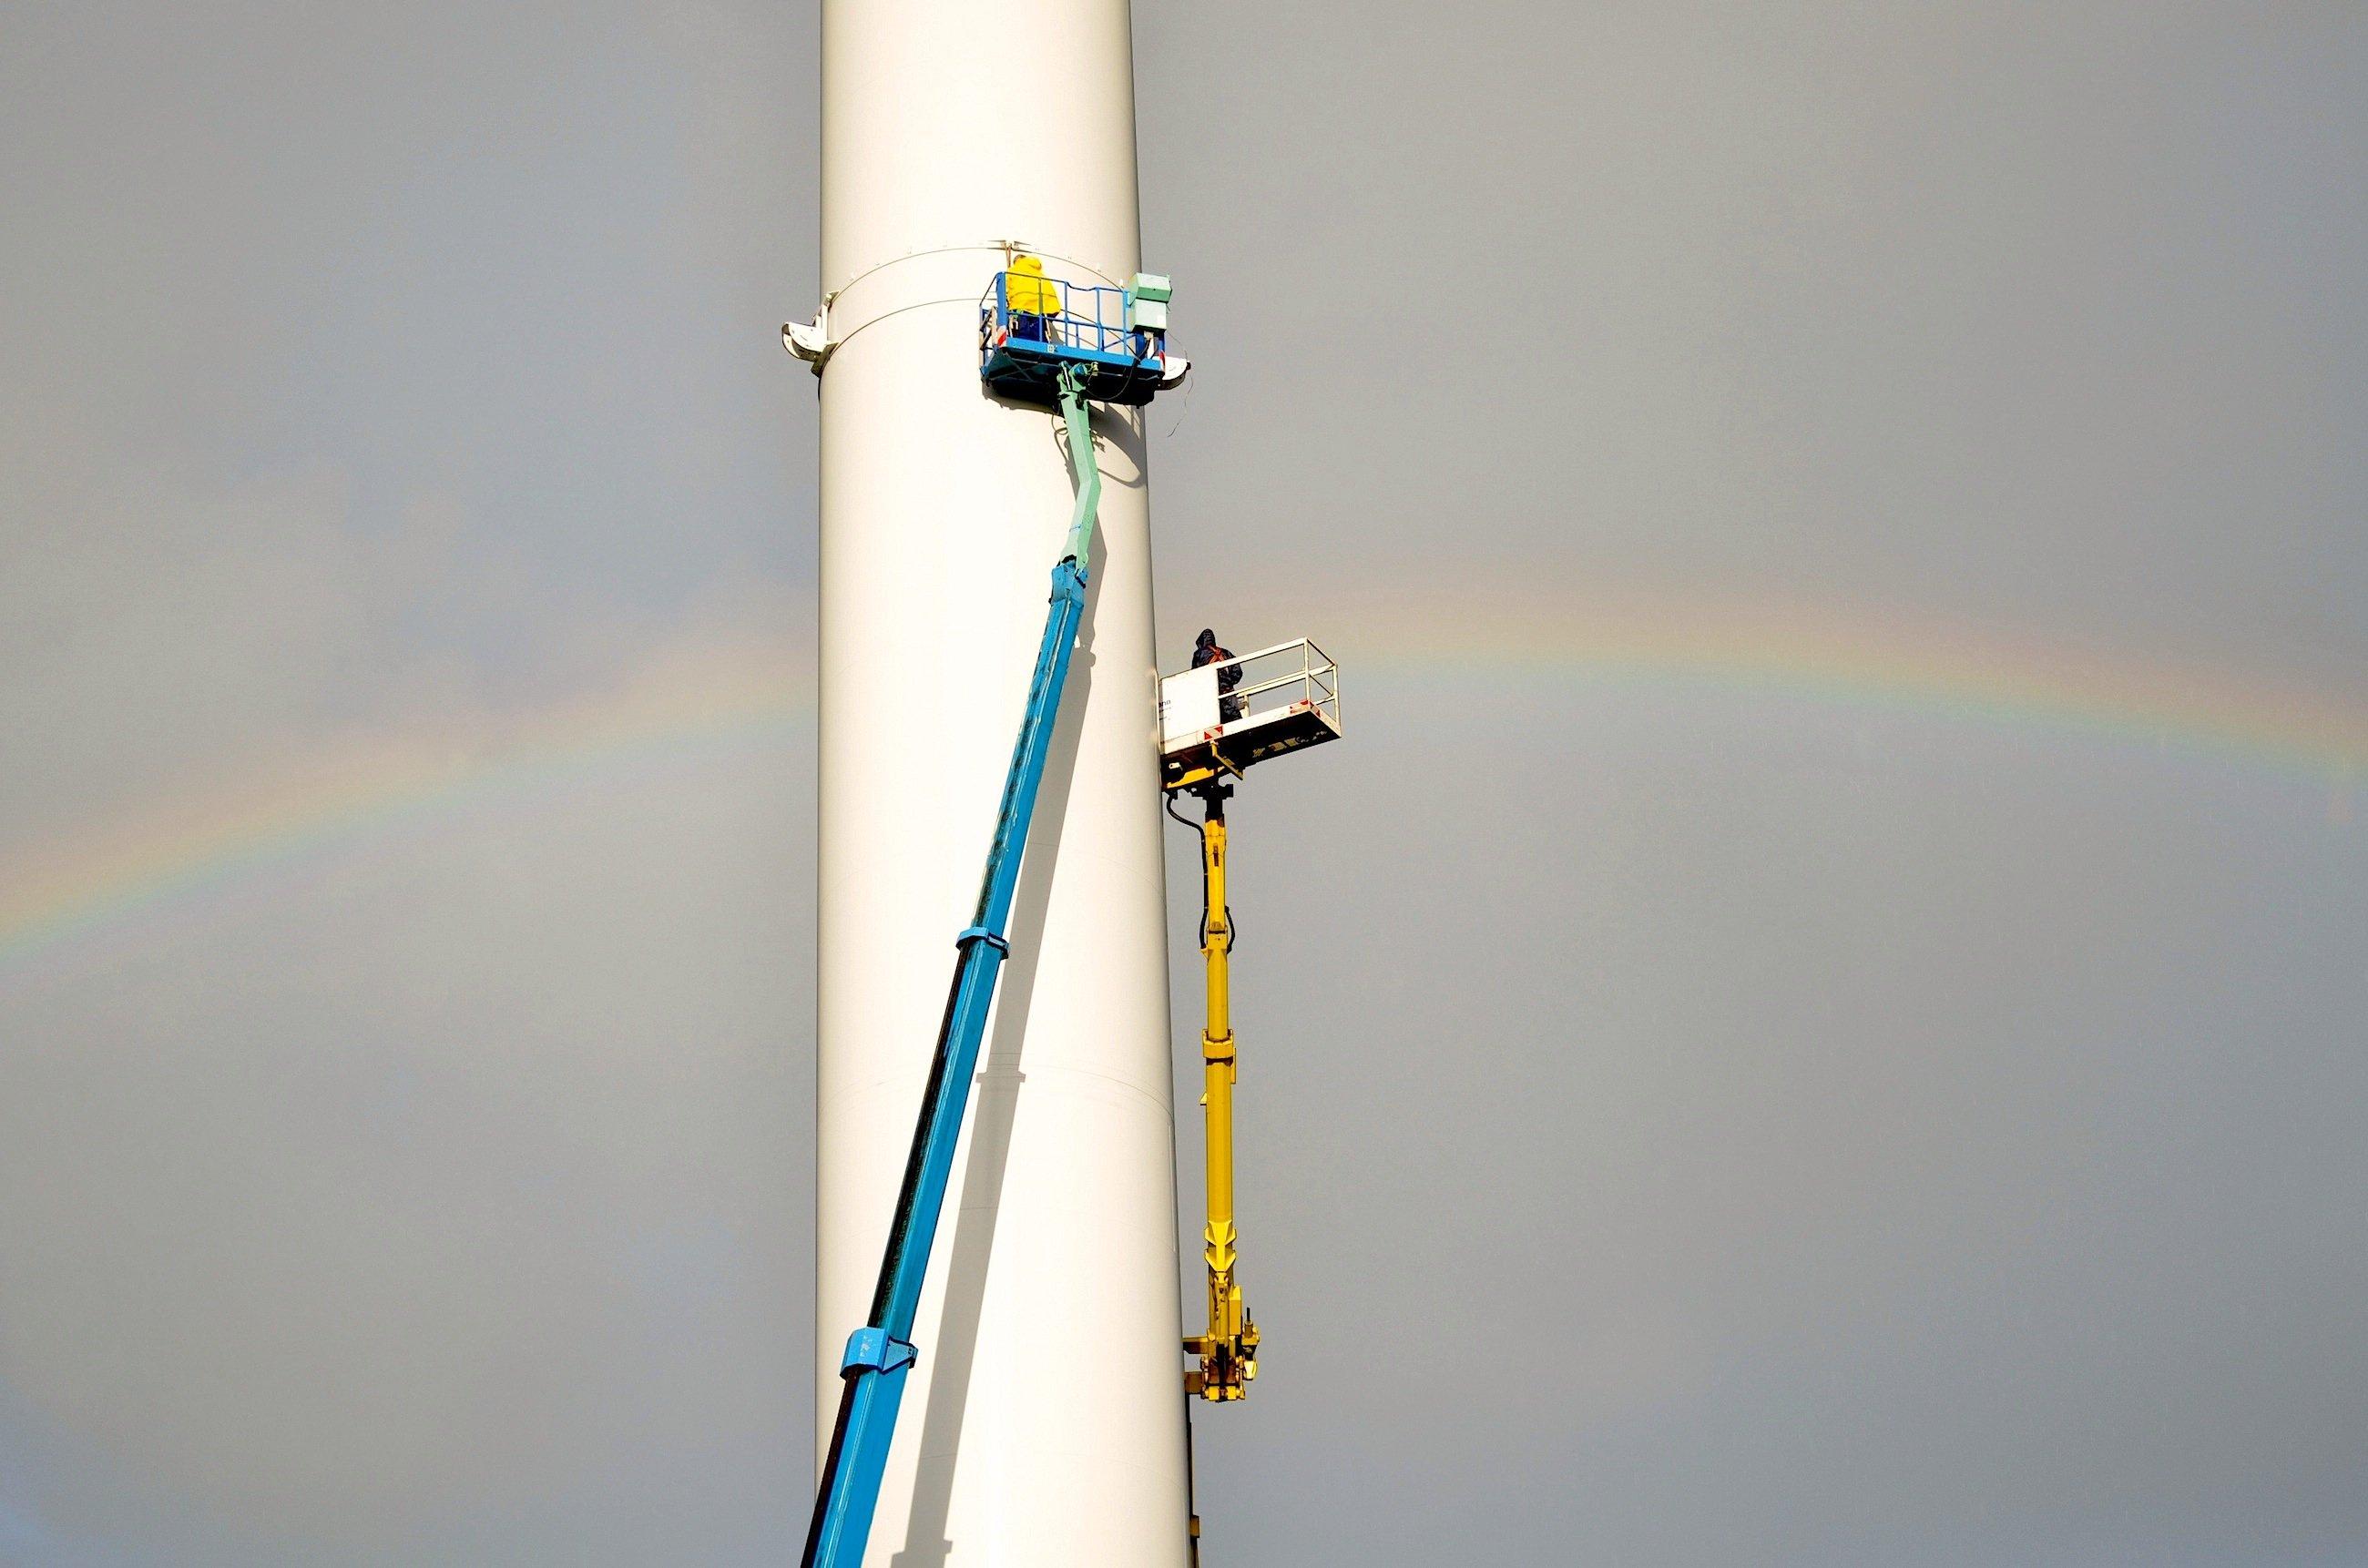 Servicemitarbeiter des Energieversorgers Enertrag montieren im Windpark Langenhorn den zweiten Spannring, an dem eines der Radarsysteme befestigt werden soll. Das System schaltet die roten Warnleuchten nur ein, wenn sich ein Flugzeug nähert.